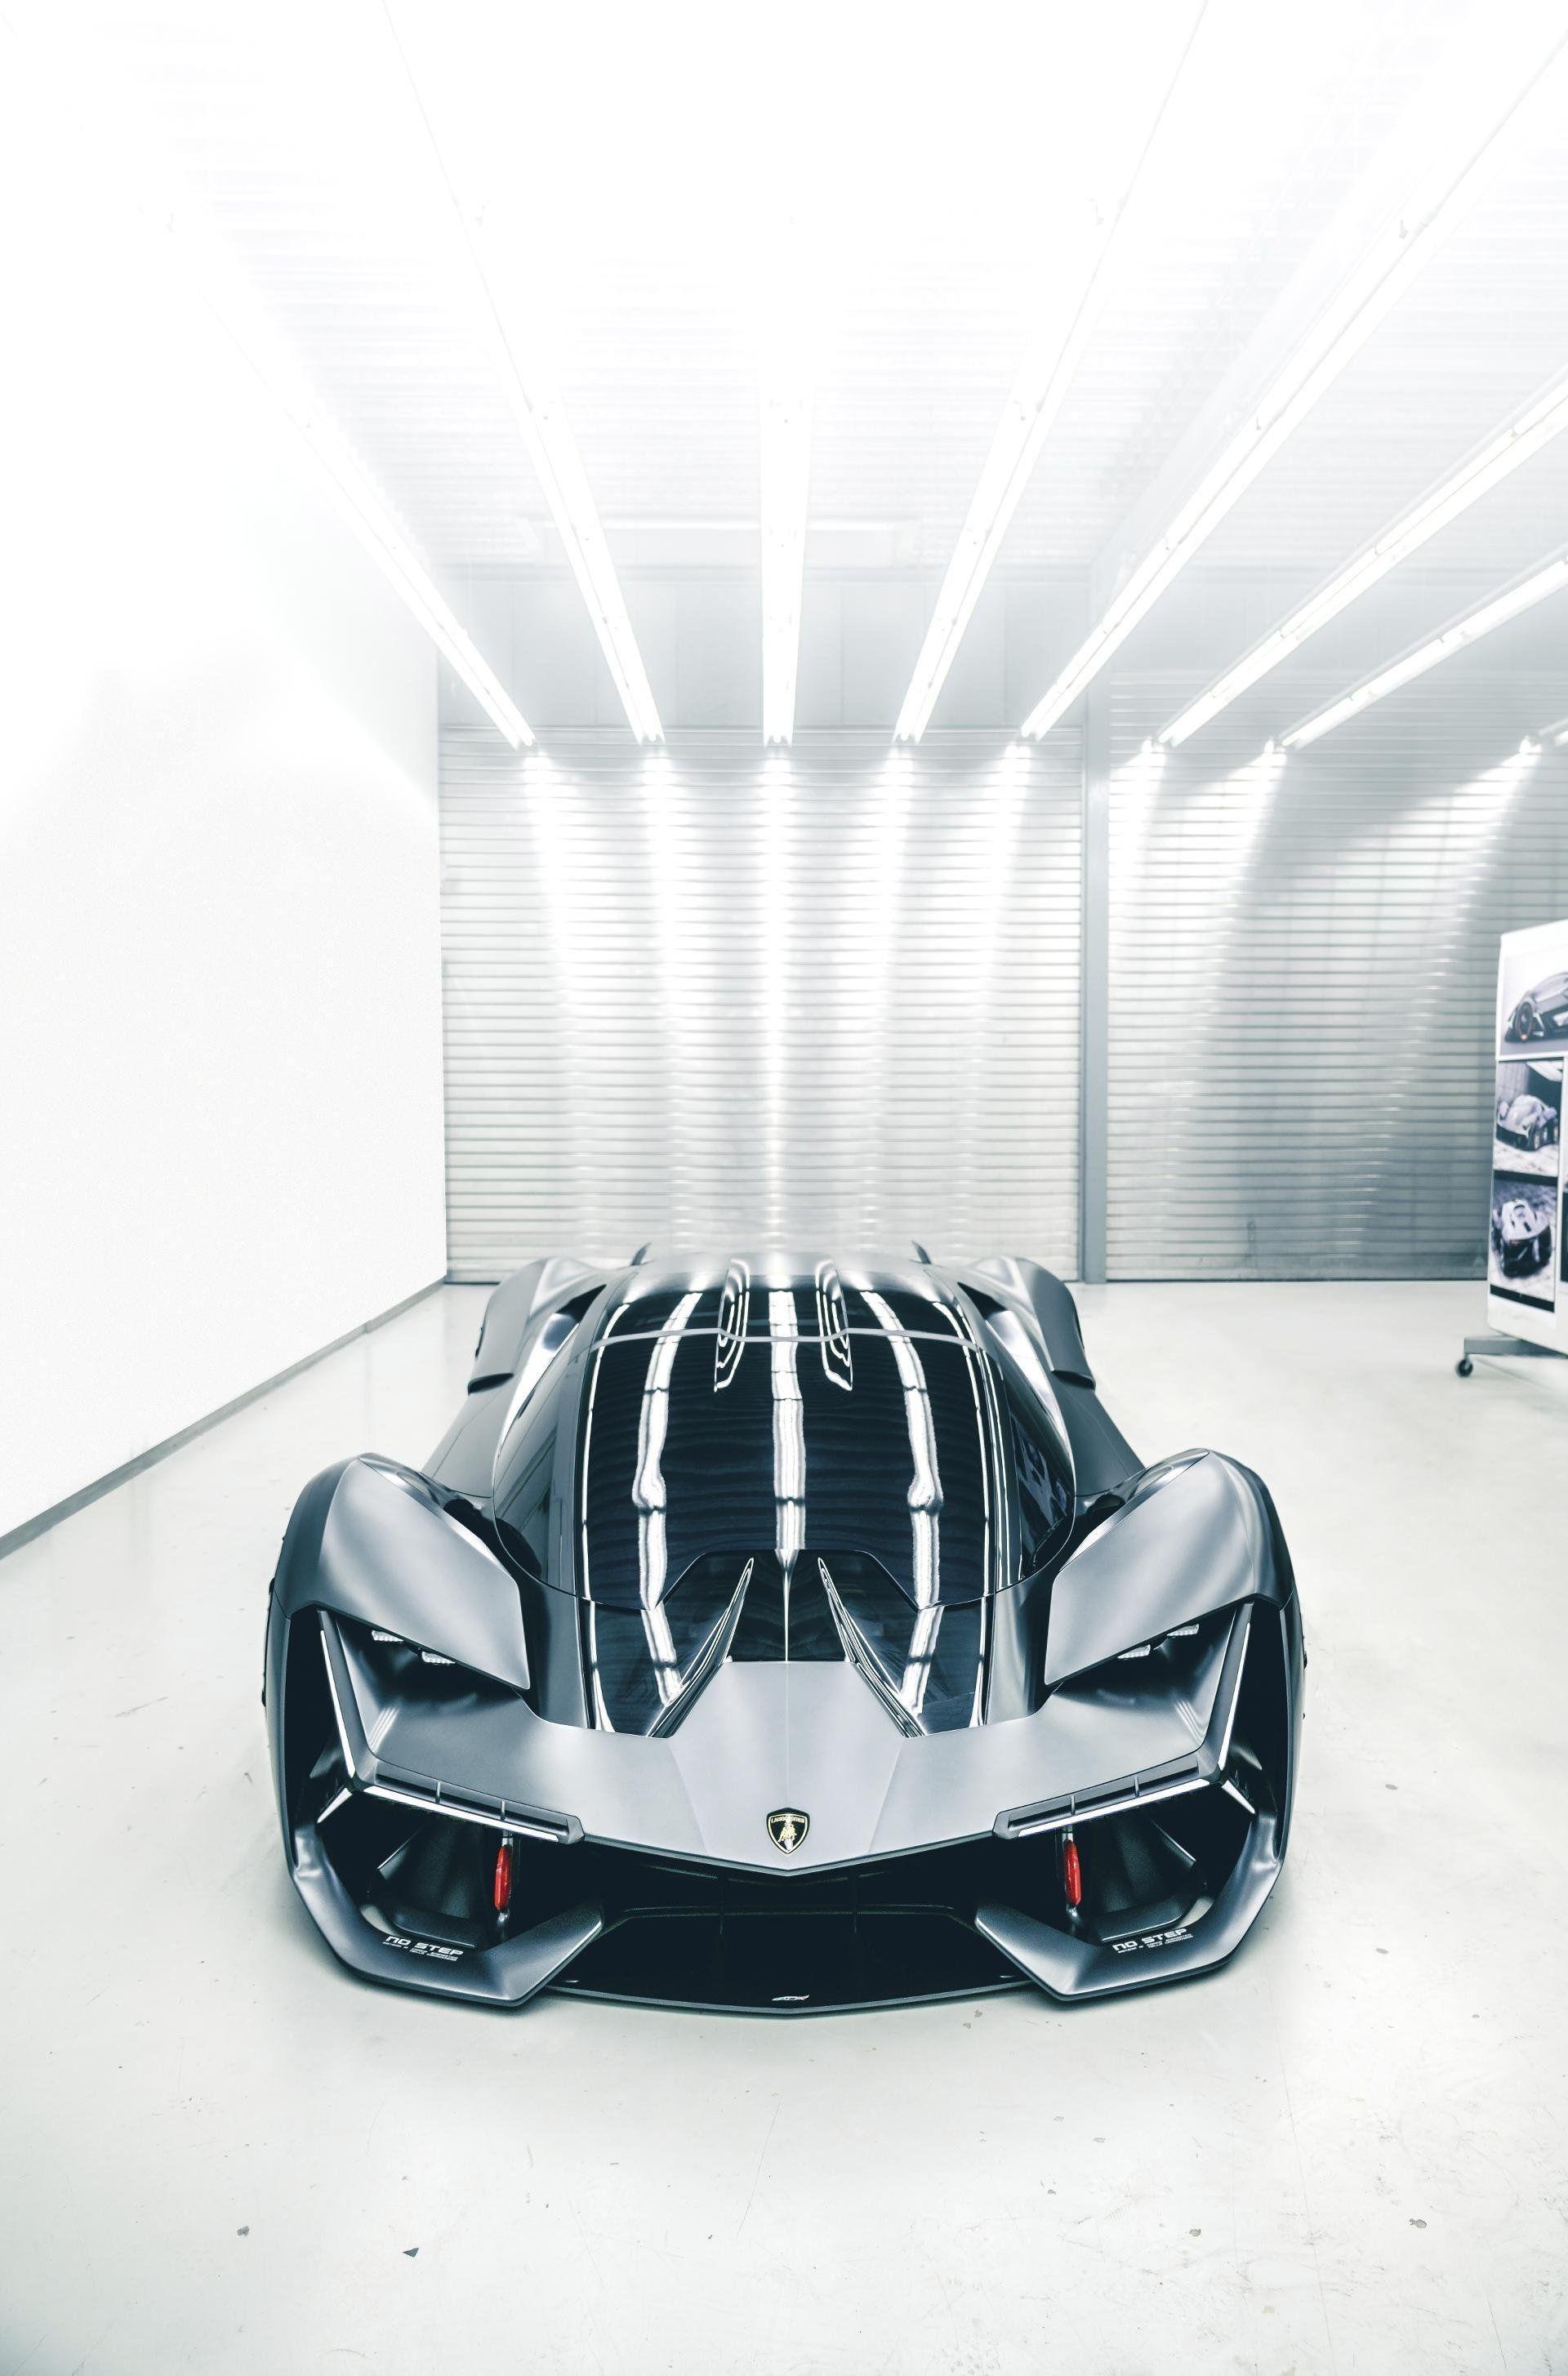 Lamborghini Terzo Millennio Wallpapers Wallpaper Cave